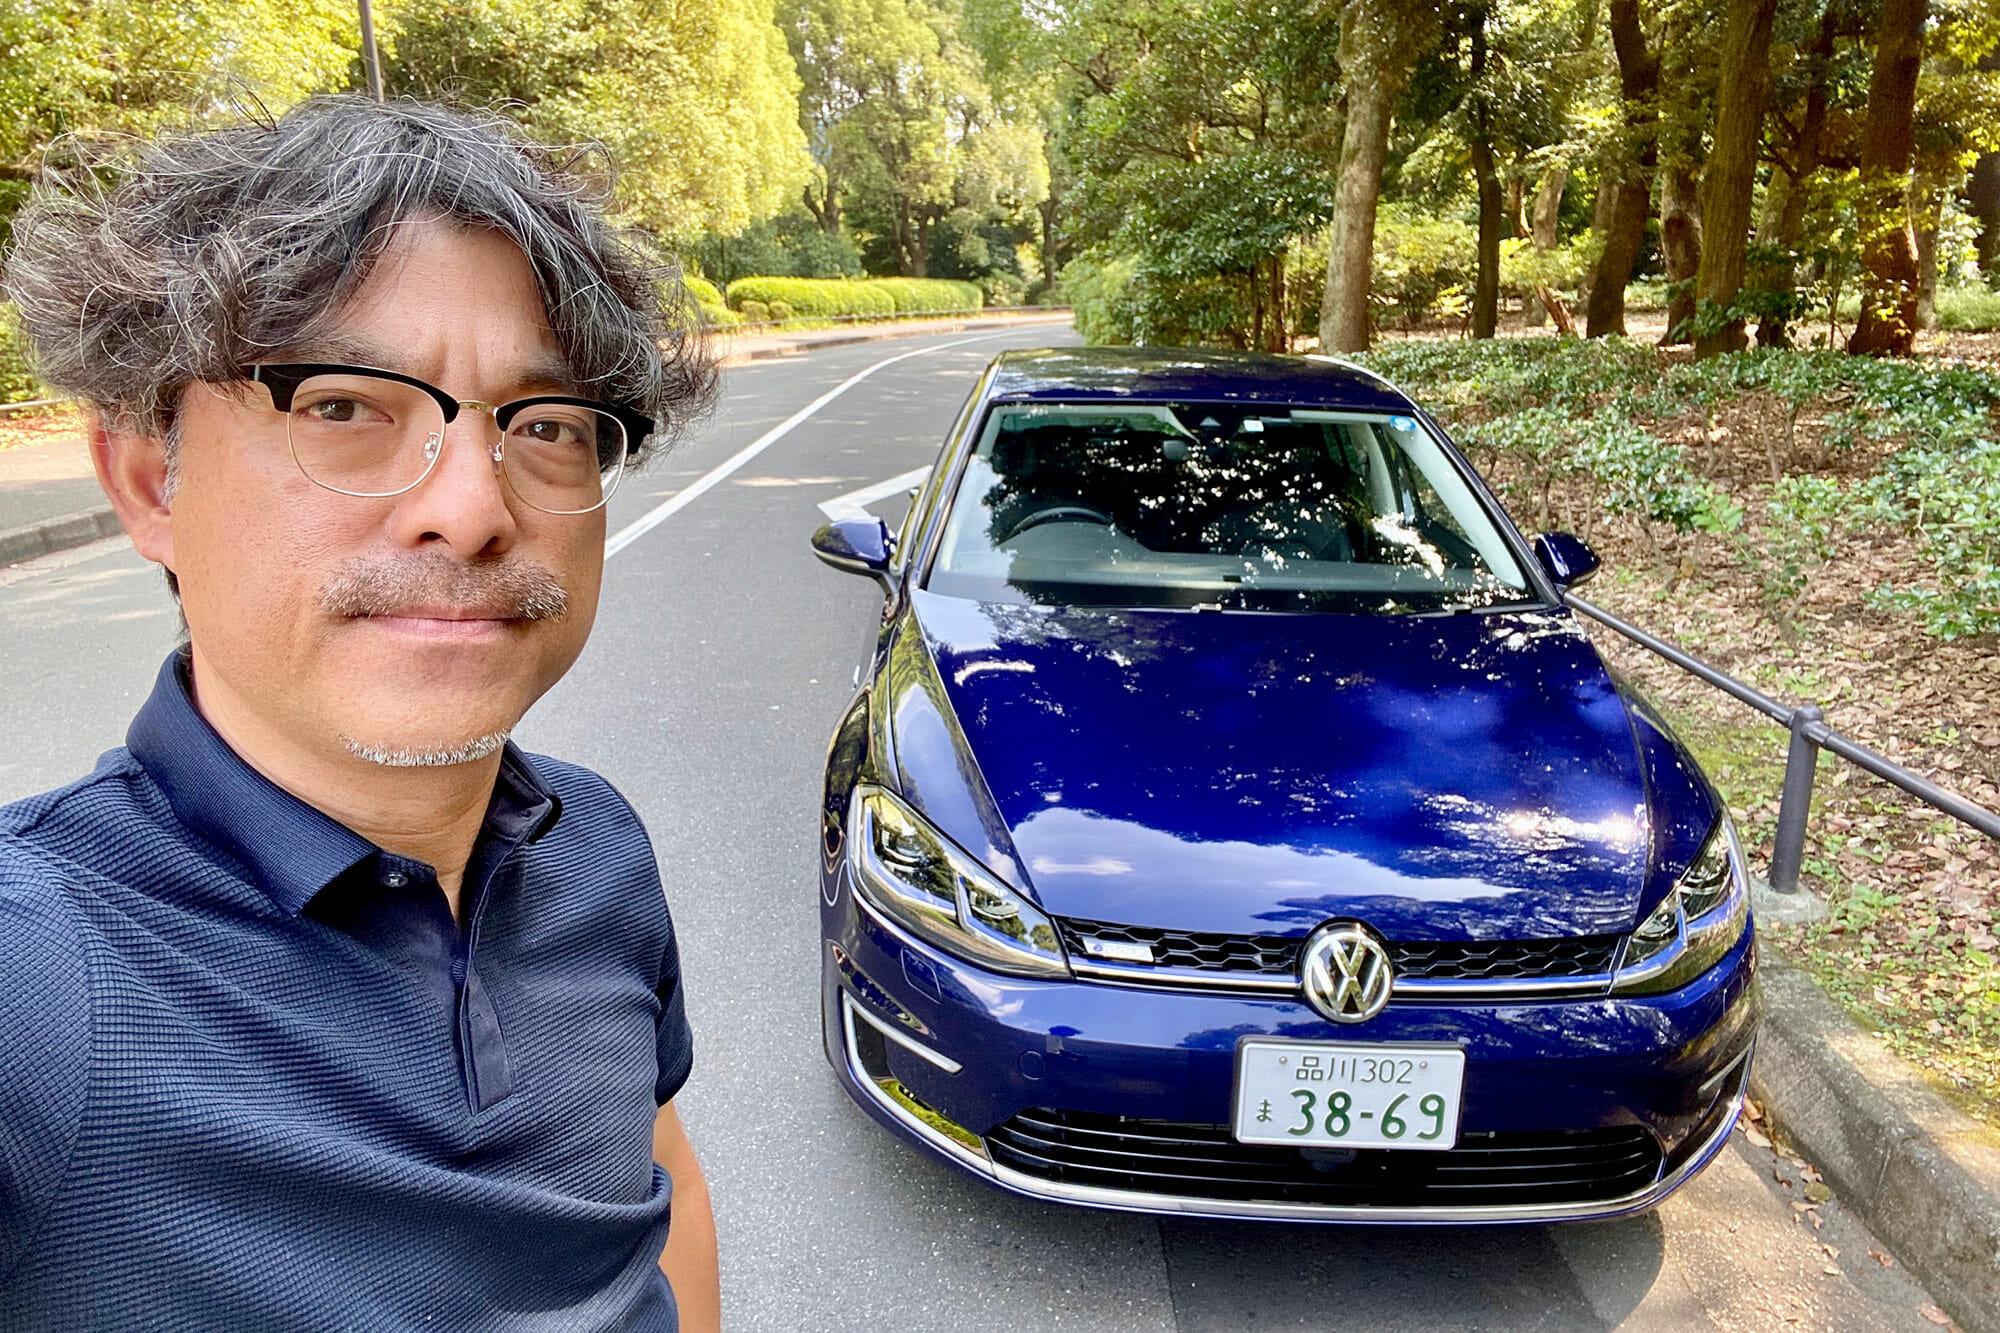 VW『e-Golf(ゴルフ)』にじっくり乗って電気自動車購入について考えてみた | EVsmartブログ